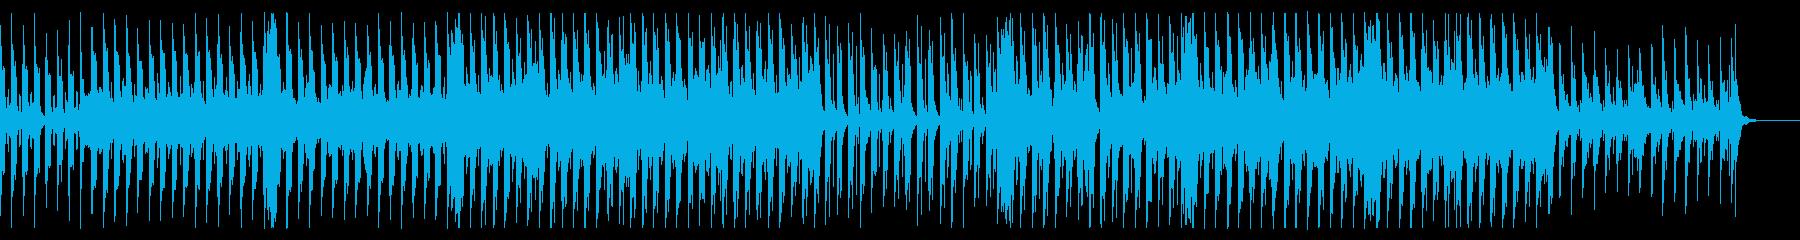 三拍子の可愛いハロウィン曲の再生済みの波形